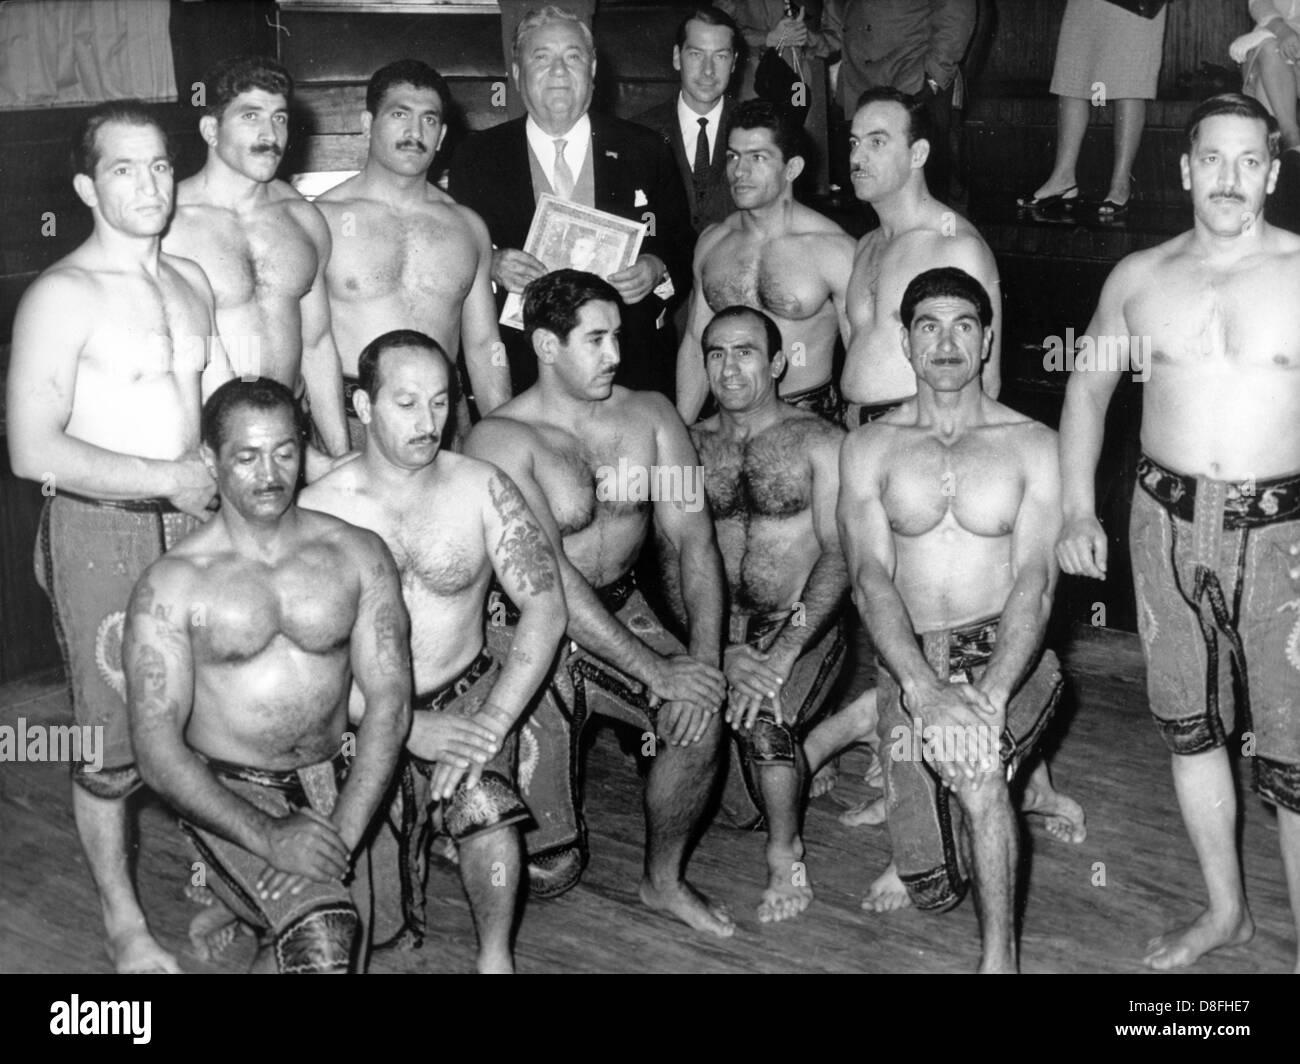 Avocat et homme politique Carlo Schmid (m, arrière) visite une école de sport à Téhéran (Iran) en octobre 1964 et est entouré par des hommes musclés. Banque D'Images